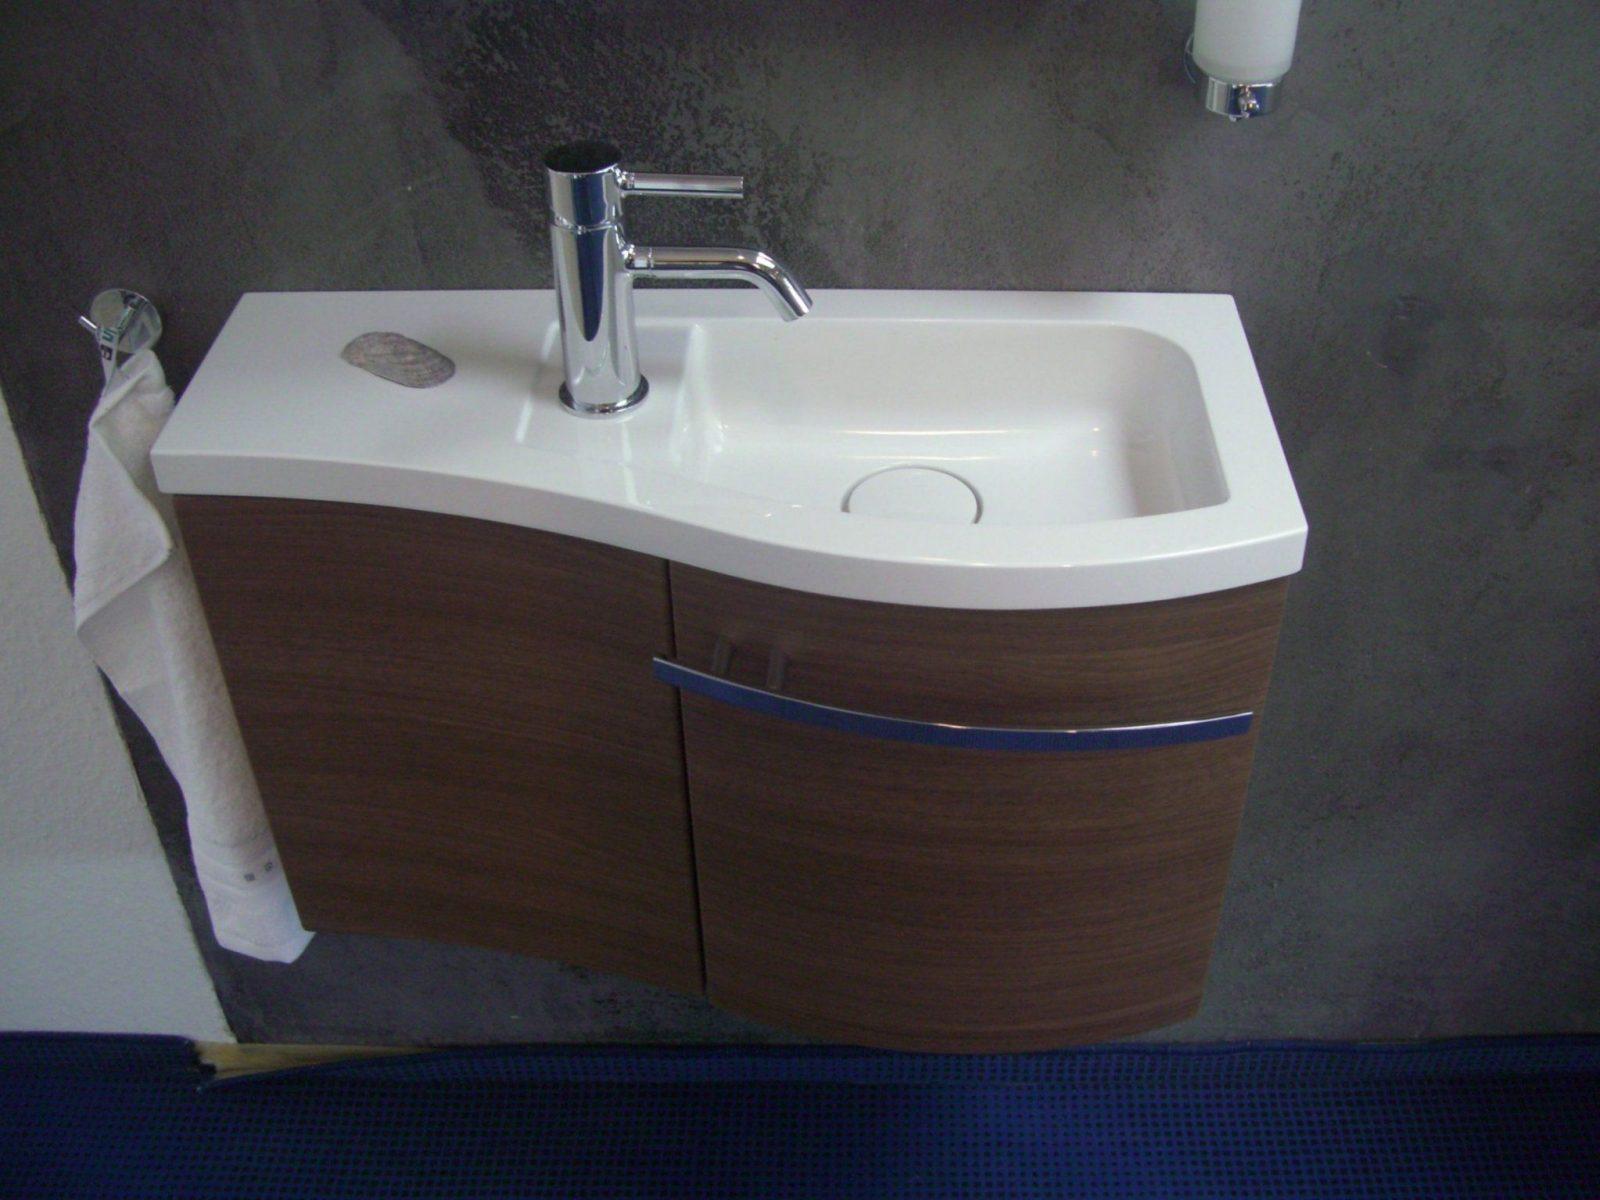 Luxuriös Waschtisch Mit Unterschrank Cm Breit Weiscken Zum von Waschbecken Mit Unterschrank 70 Cm Breit Bild